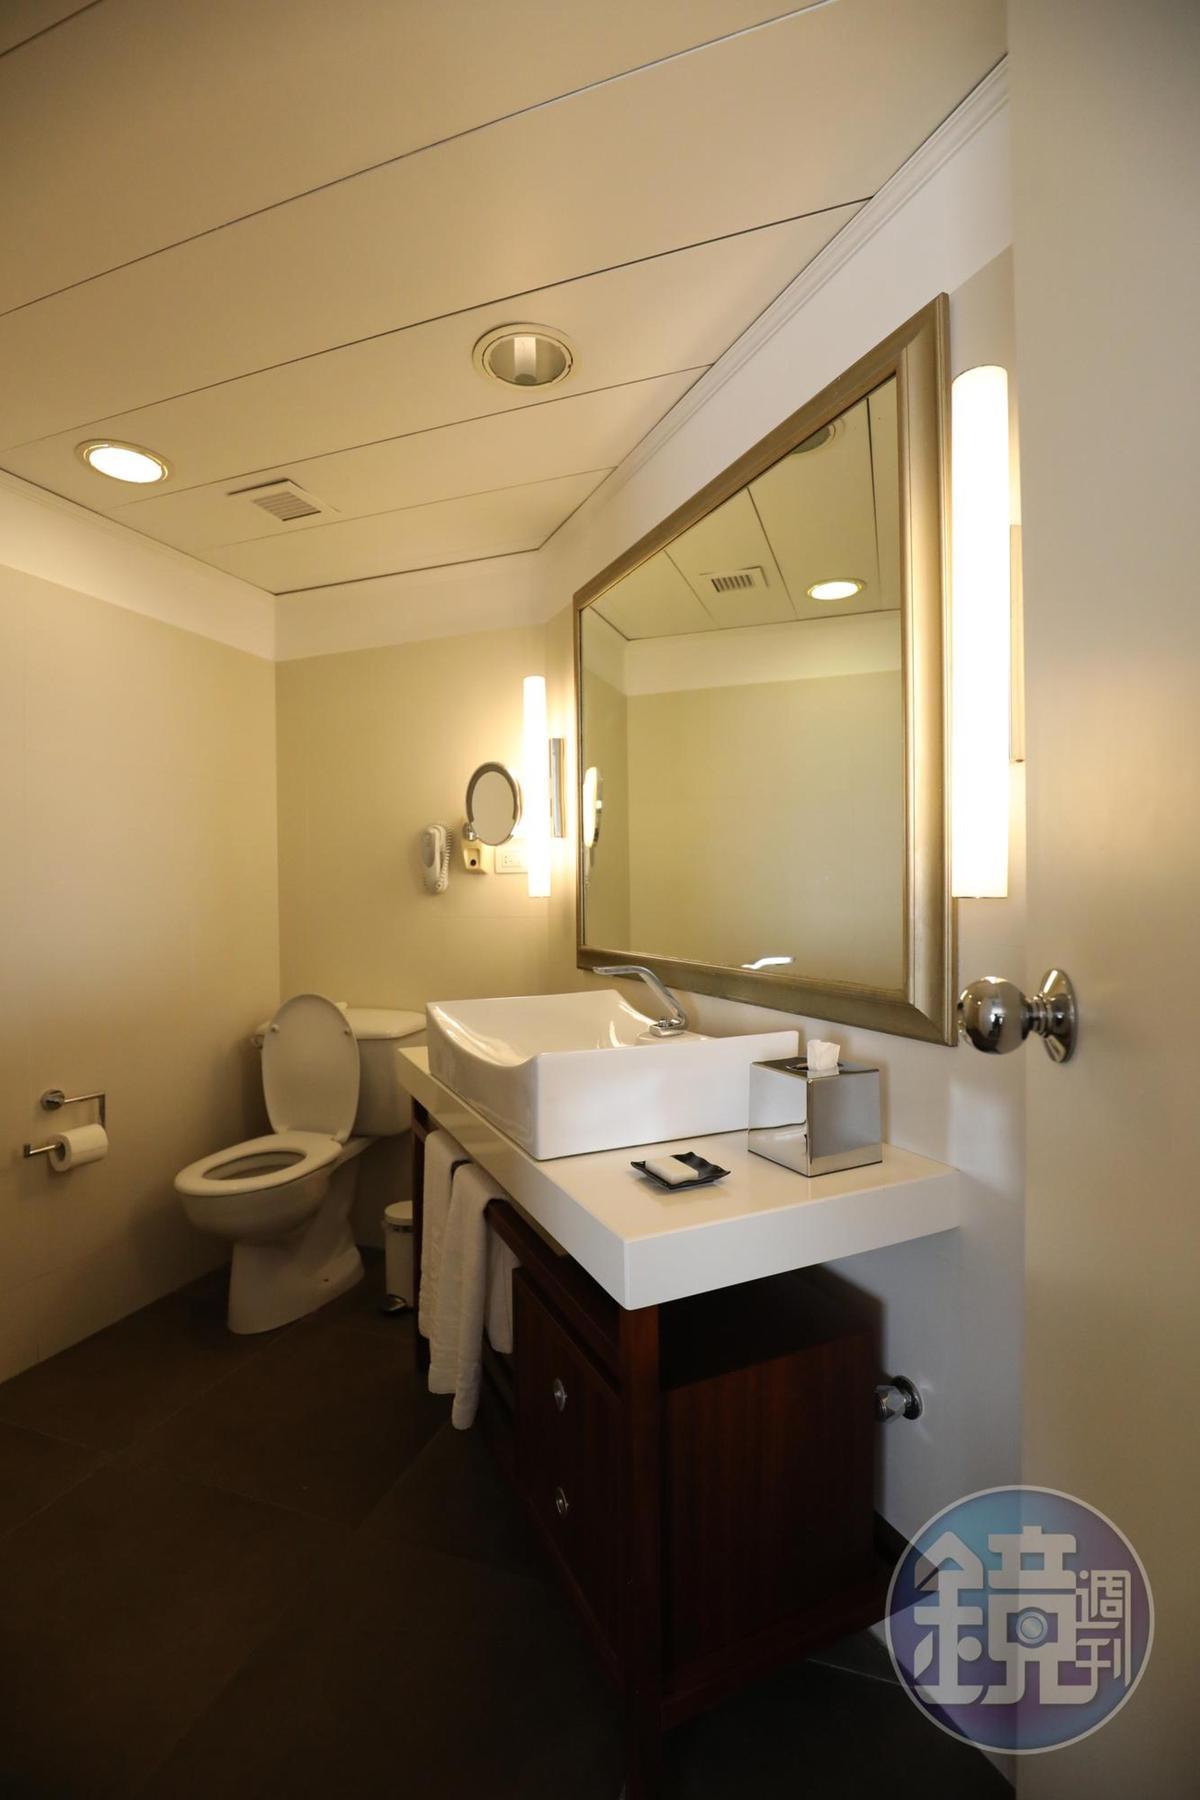 衛浴空間也算寬敞實用。